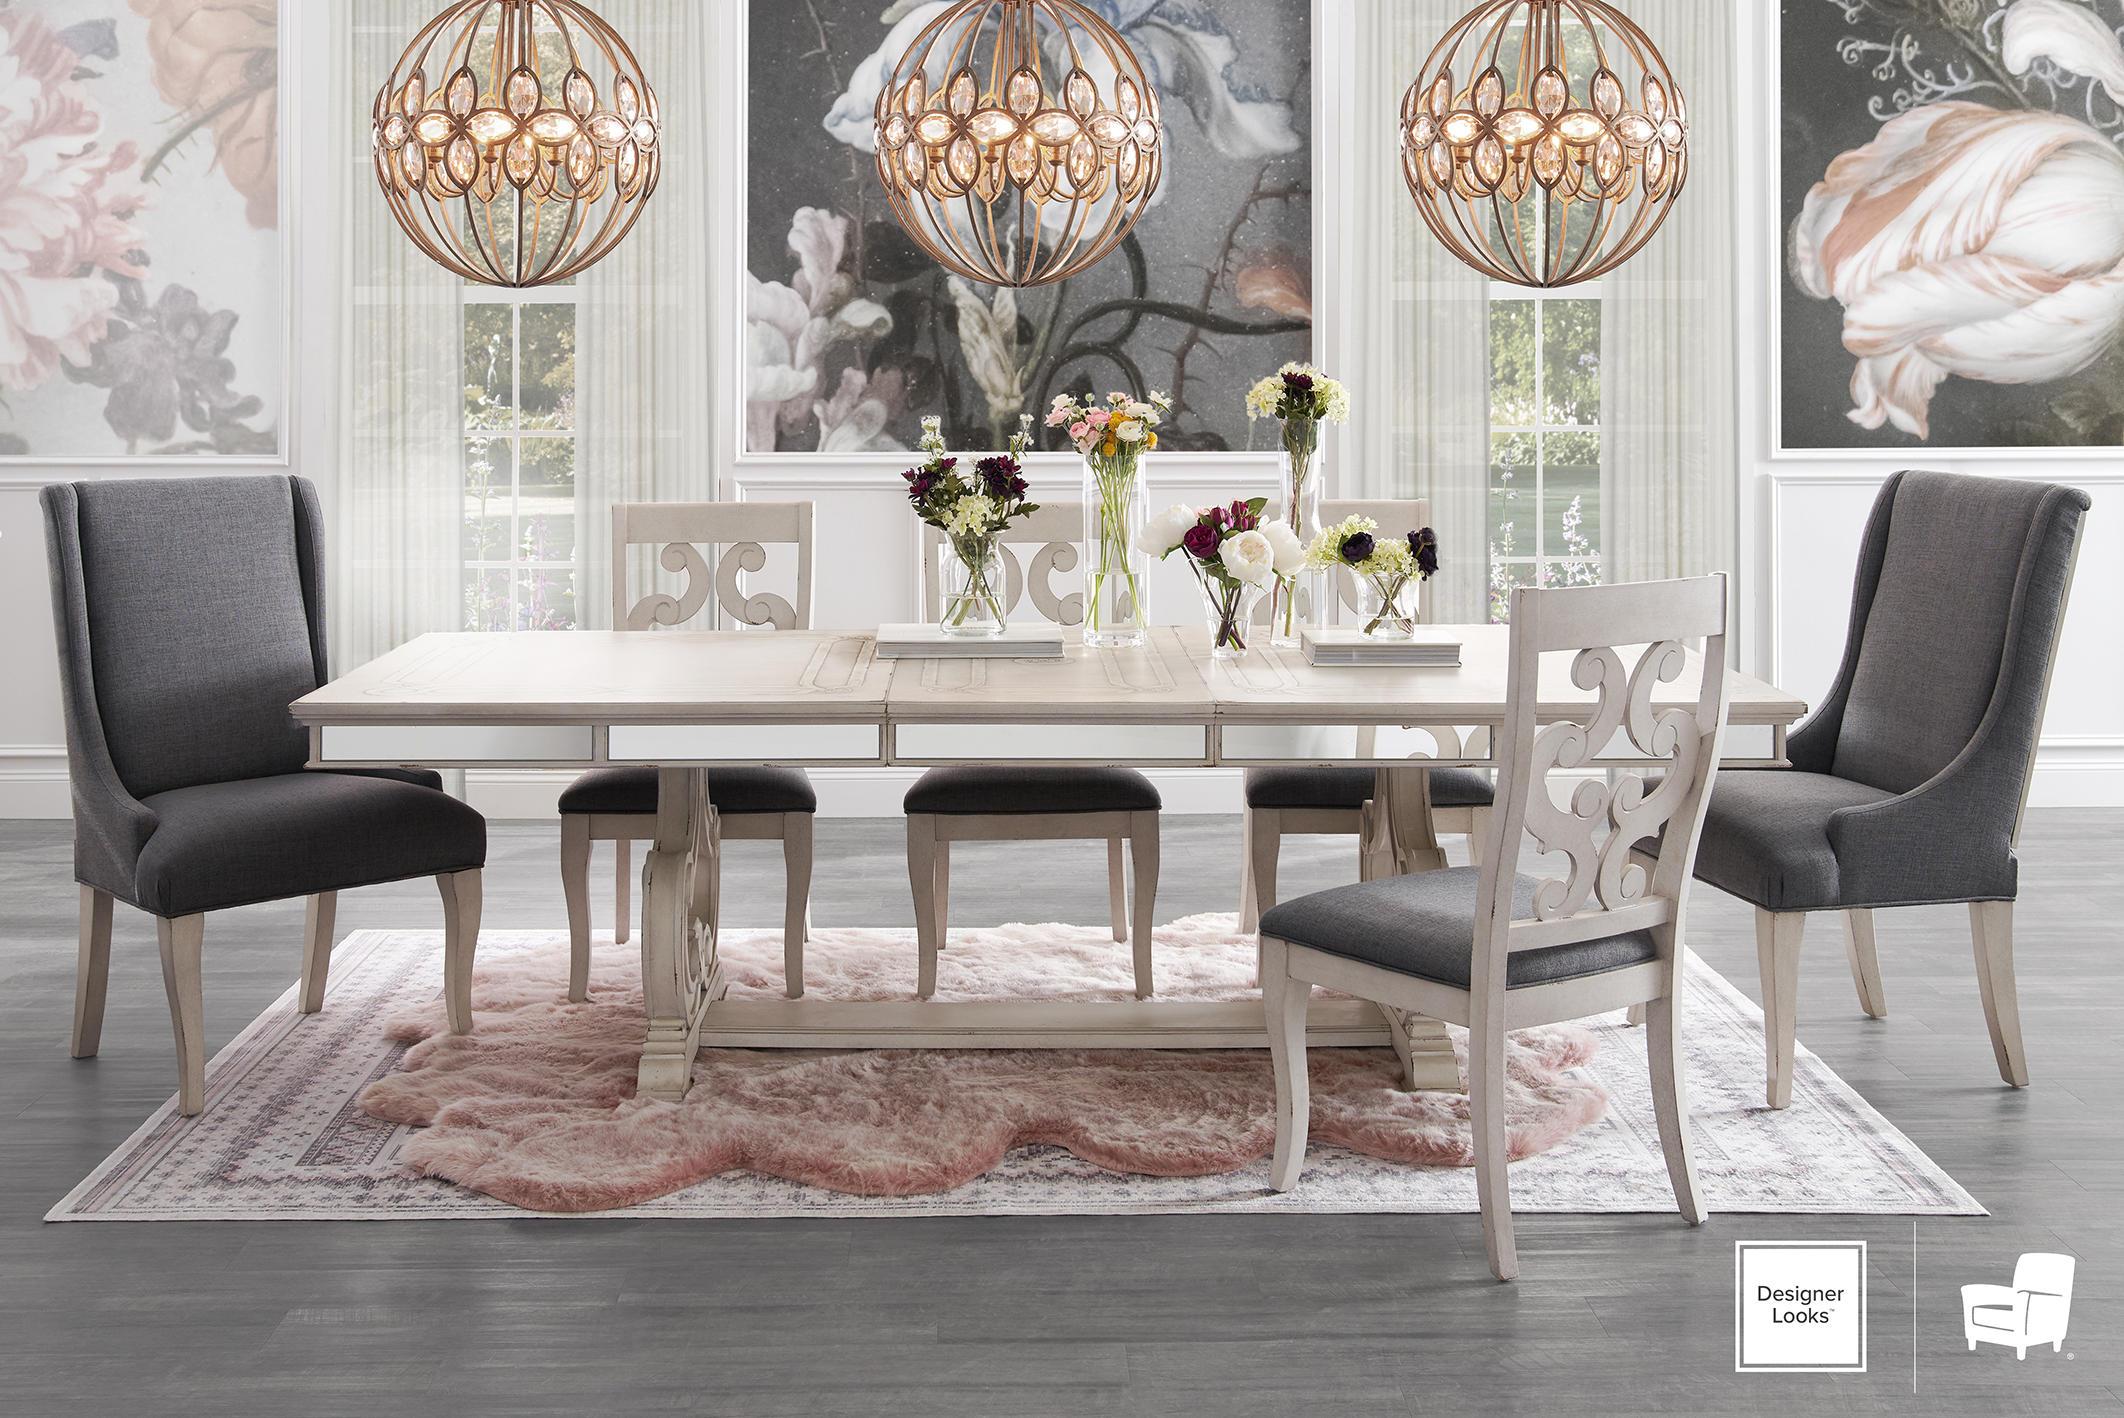 Cool American Signature Furniture 9400 Atlantic Blvd Suite 100A Download Free Architecture Designs Pushbritishbridgeorg